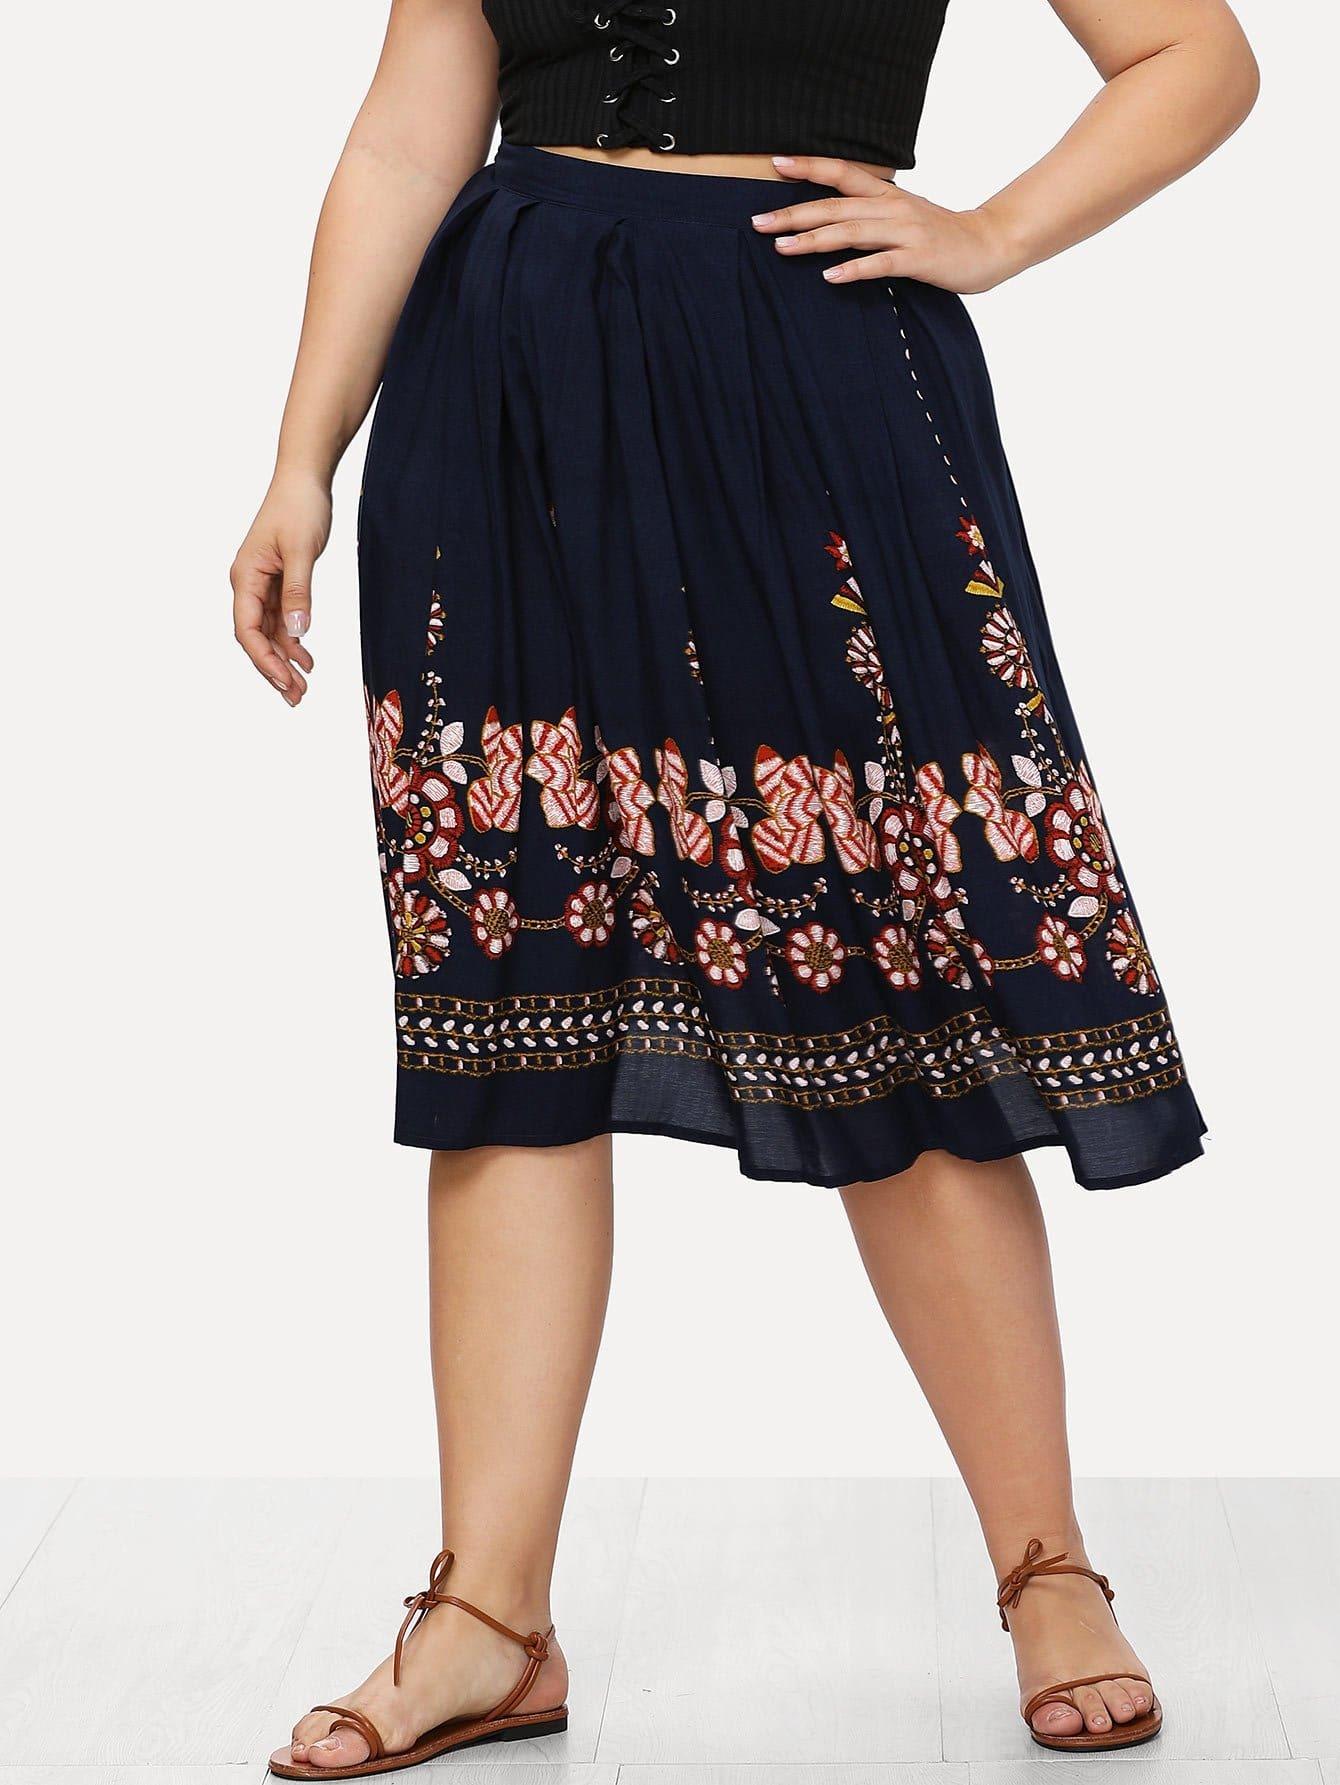 Tribal Flower Print Box Pleated Skirt flower print box pleated skirt